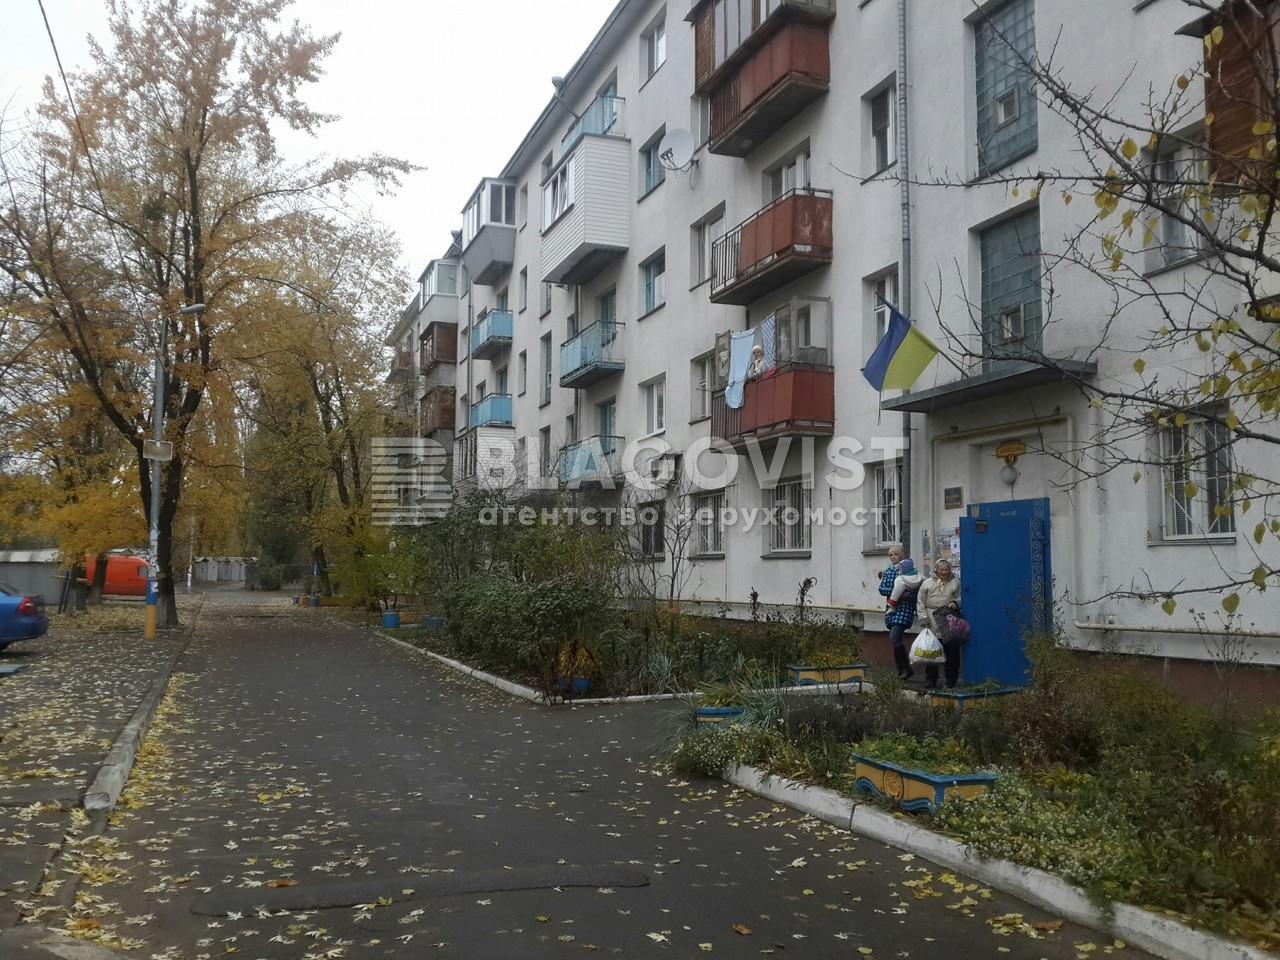 Квартира R-39512, Микитенко Ивана, 9, Киев - Фото 1